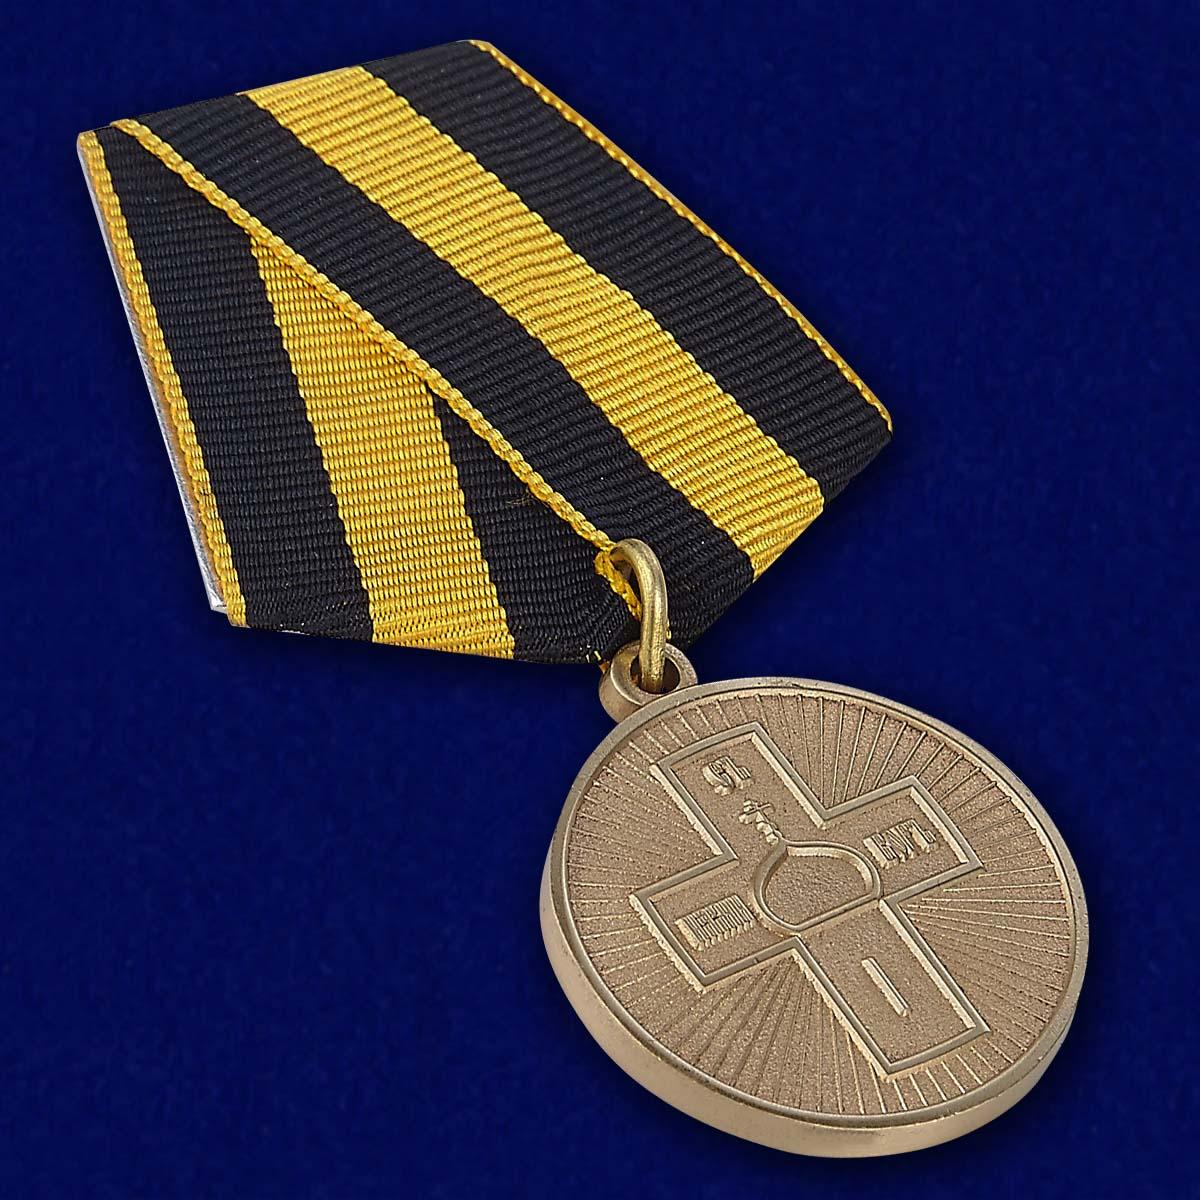 """Медаль """"Дело Веры"""" 3 степень в бархатистом футляре из флока с пластиковой крышкой - общий вид"""